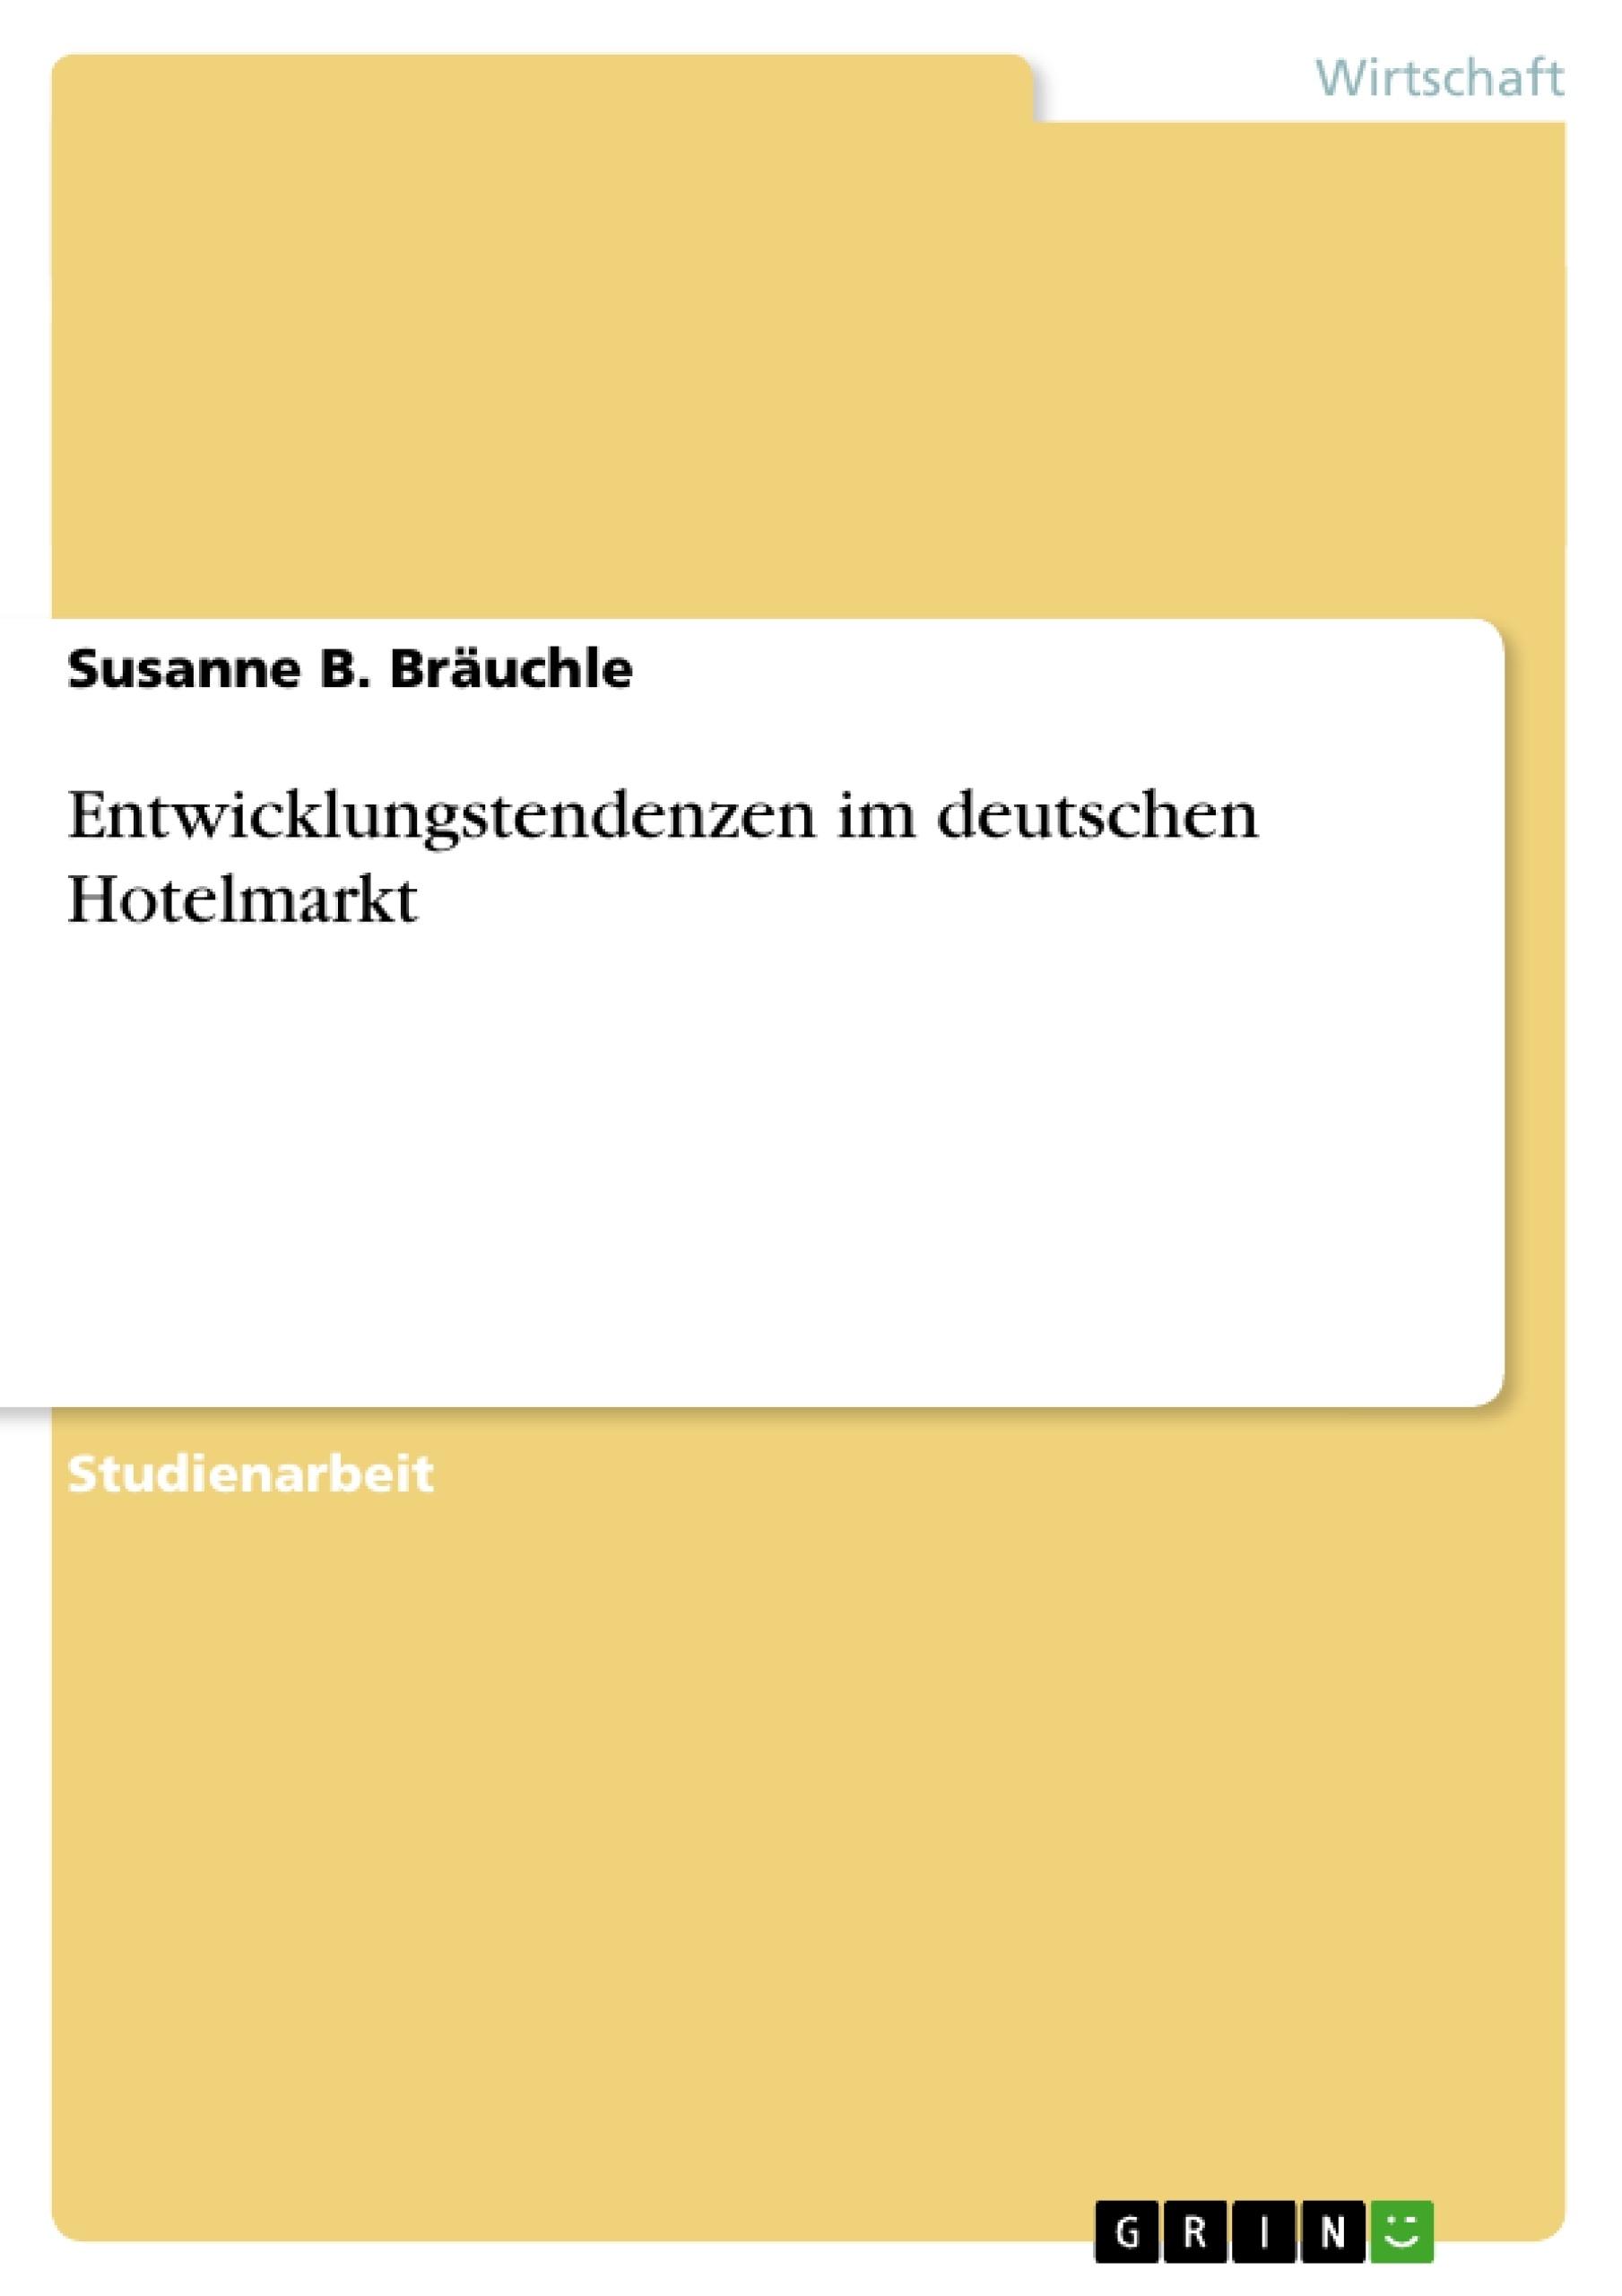 Titel: Entwicklungstendenzen im deutschen Hotelmarkt